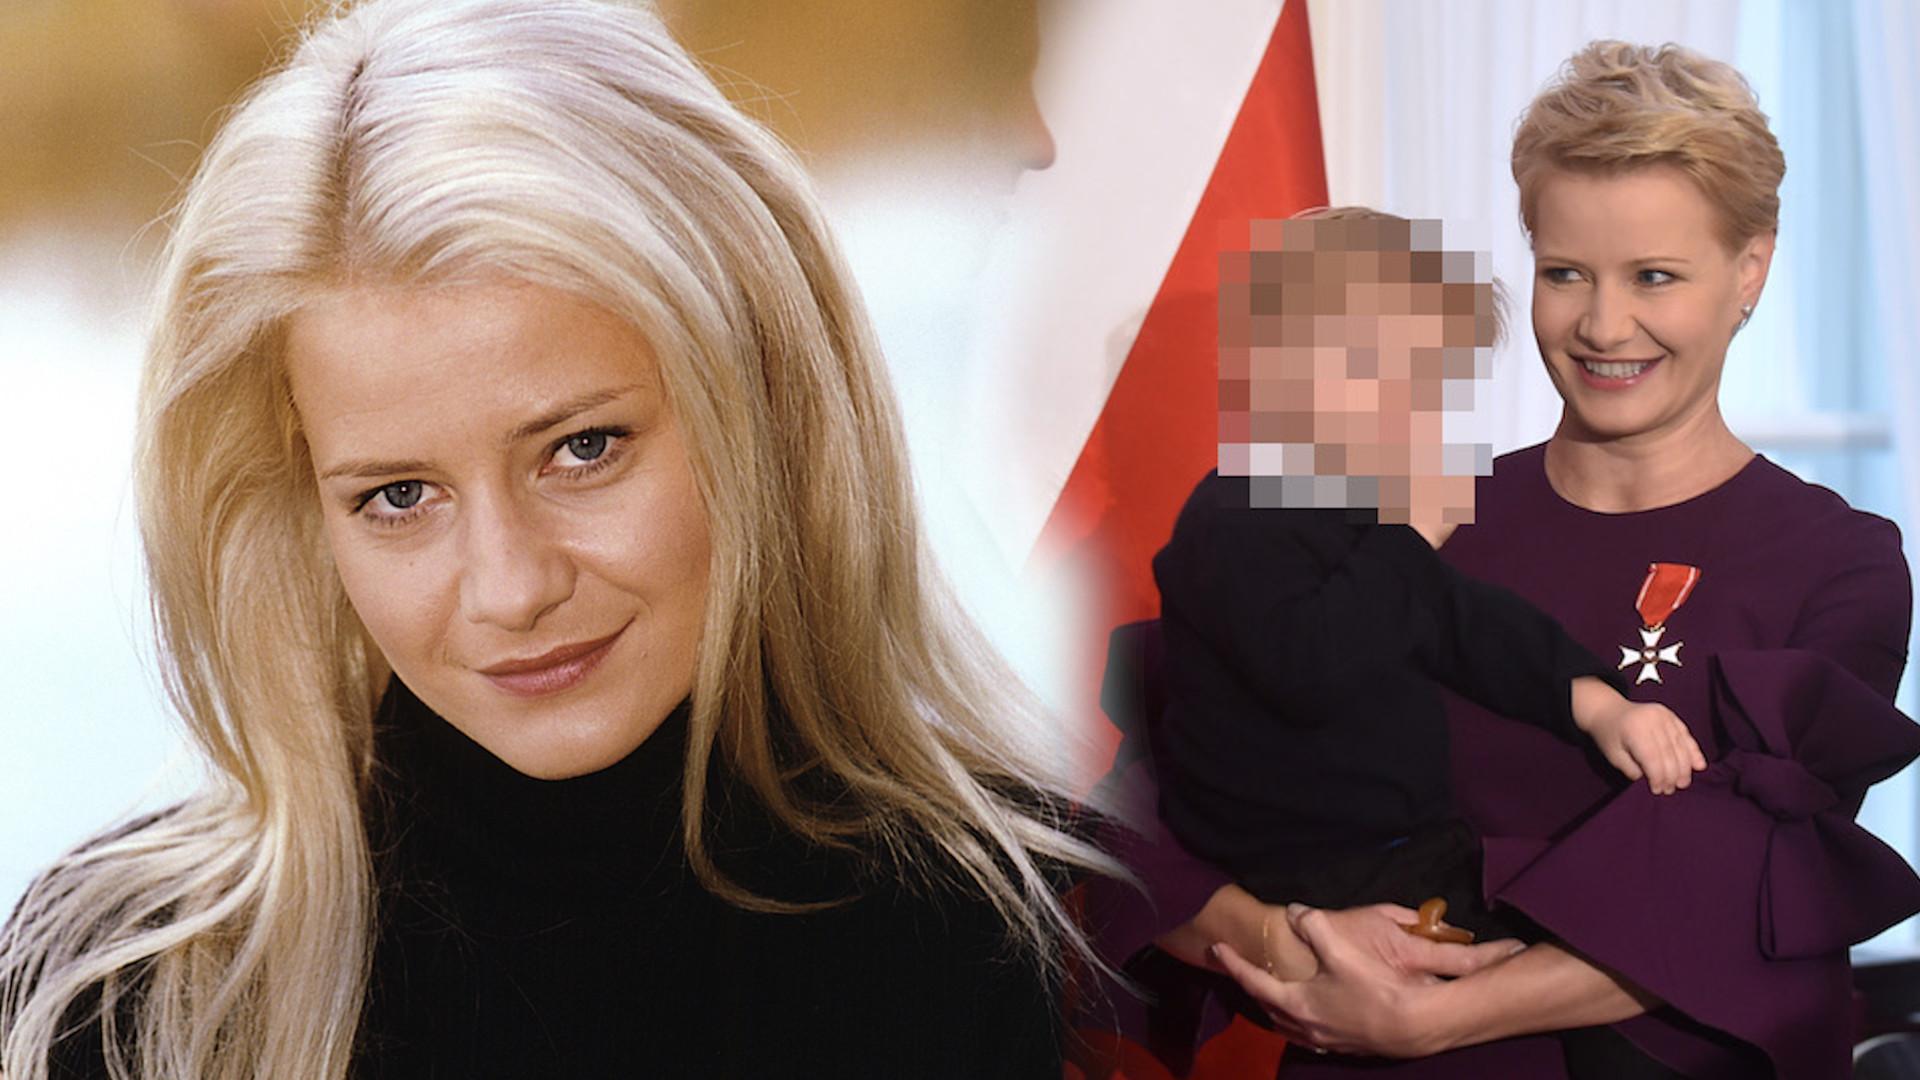 Małgorzata Kożuchowska z milionem na Instagramie! Jak zaczynała karierę? W jednym z pierwszych filmów zatańczyła na RURZE